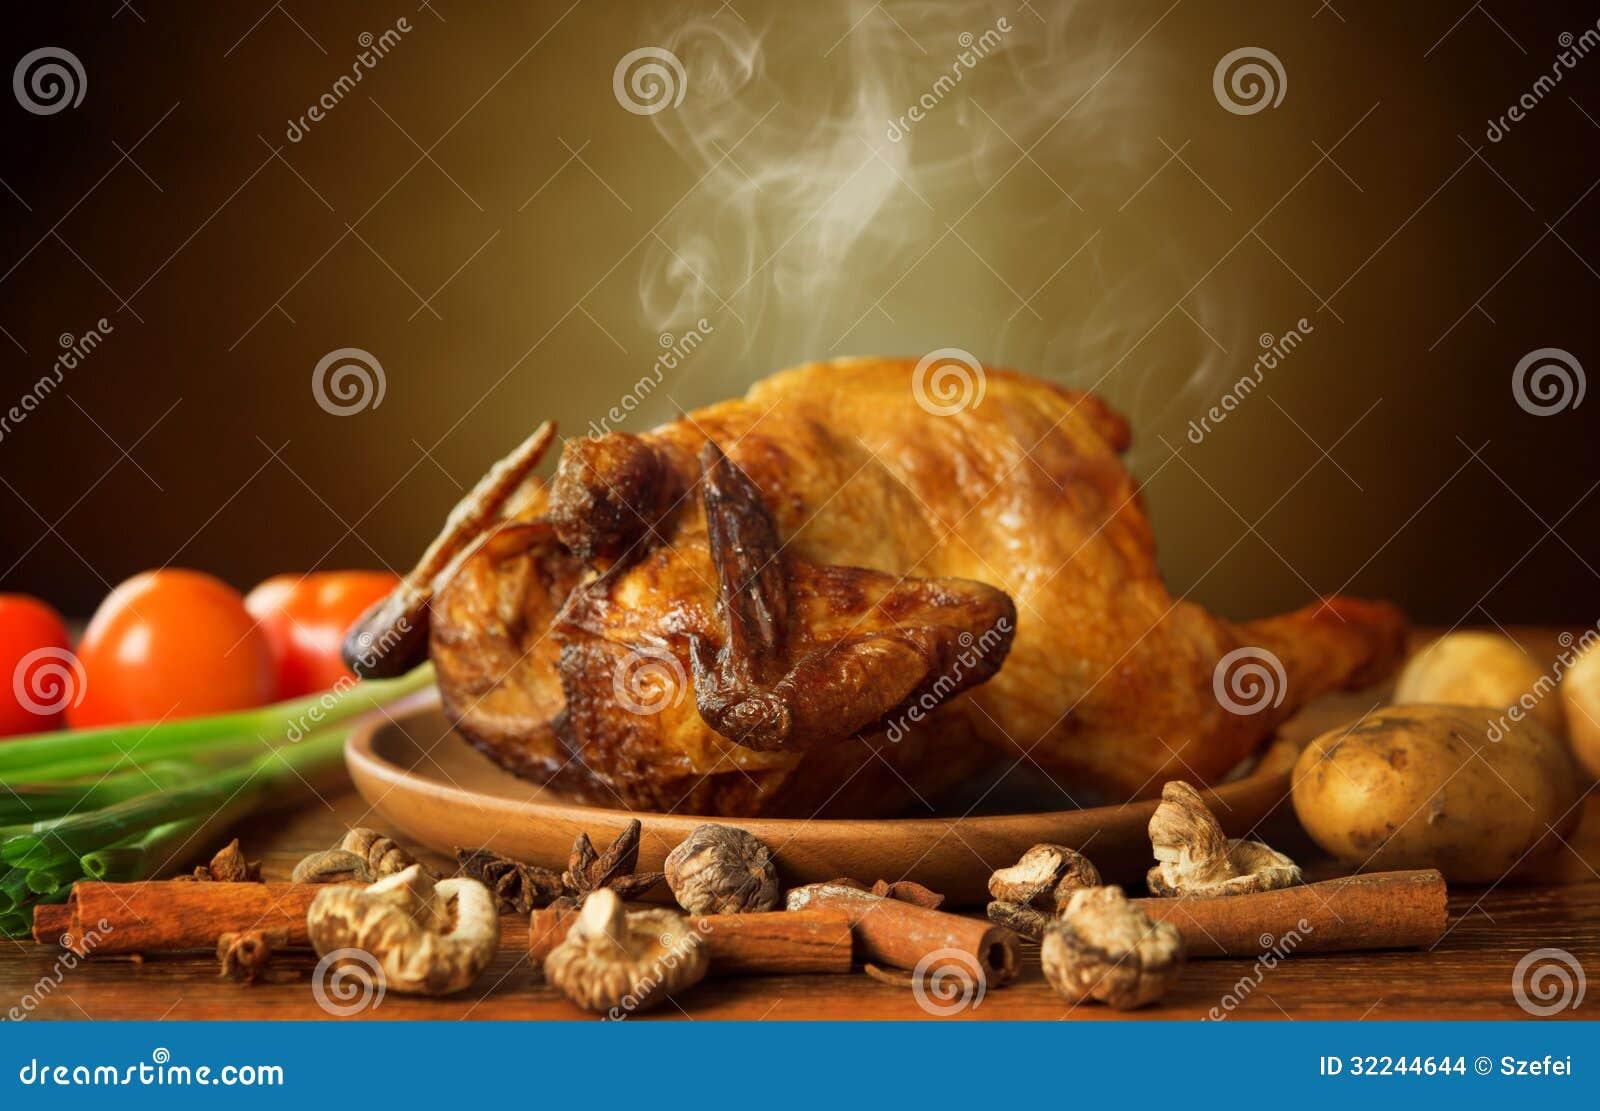 Poulet rôti par totalité avec des légumes